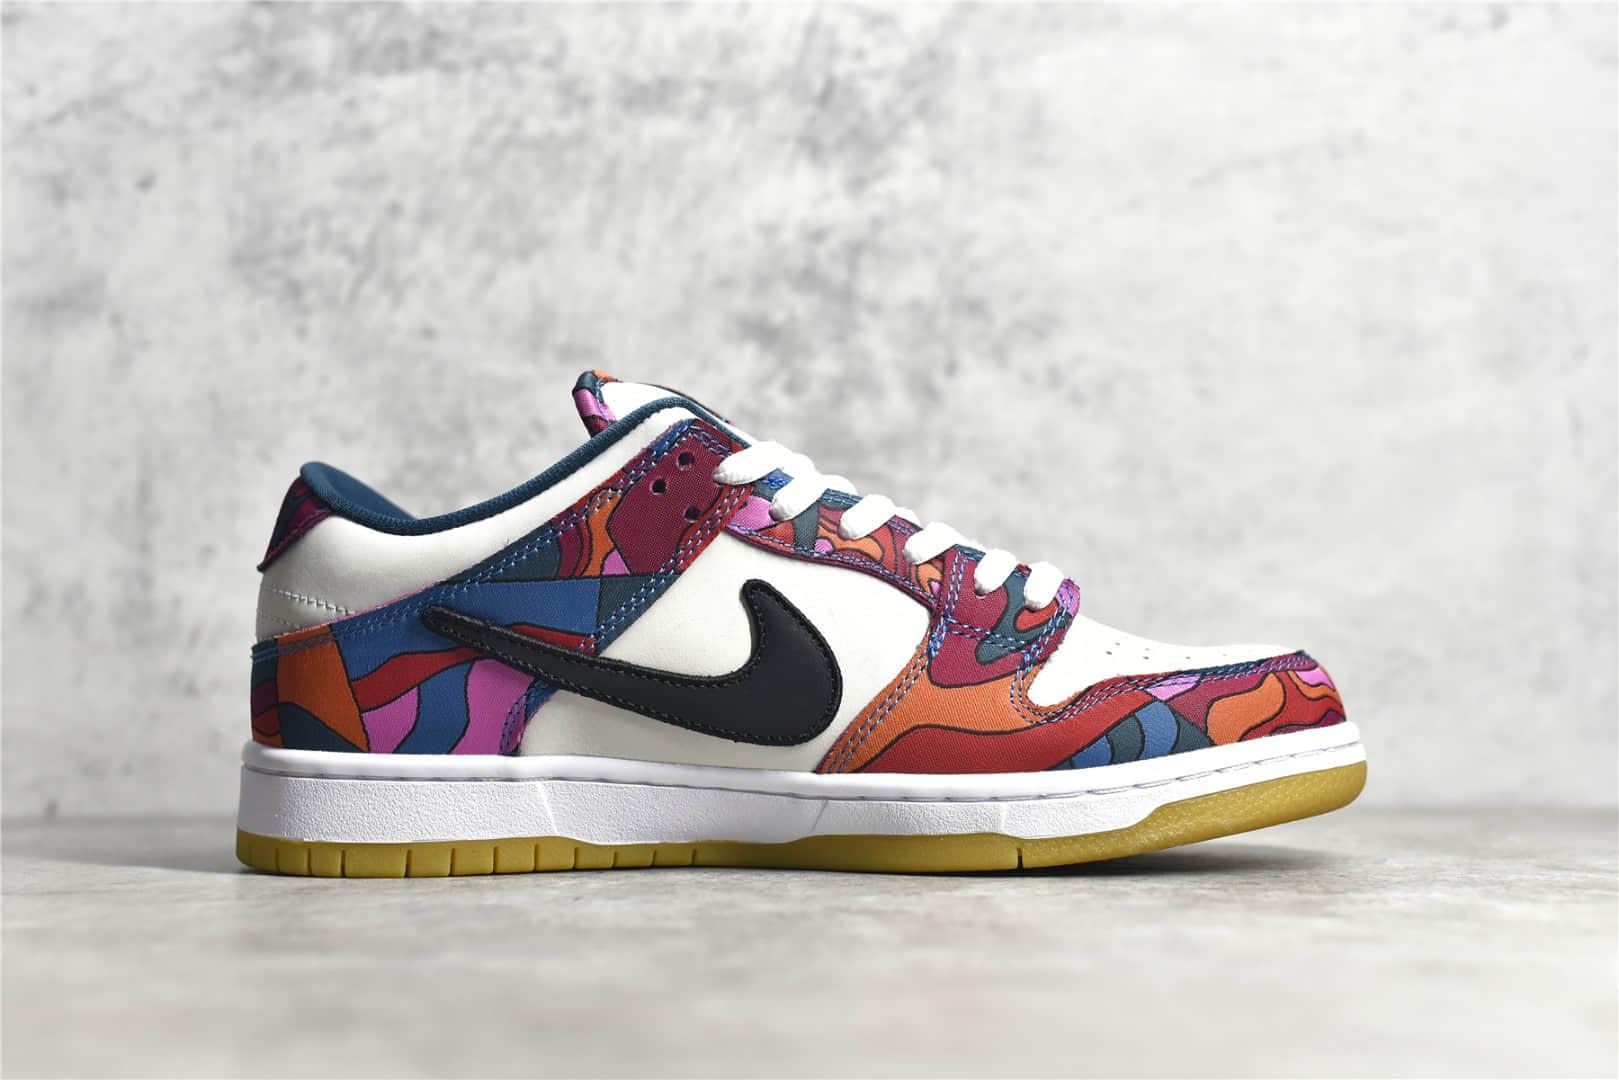 耐克SB Dunk Parra联名款低帮 Parra × Nike SB DUNK LOW Pro QS 耐克Dunk涂鸦低帮 货号:DH7695-600-潮流者之家